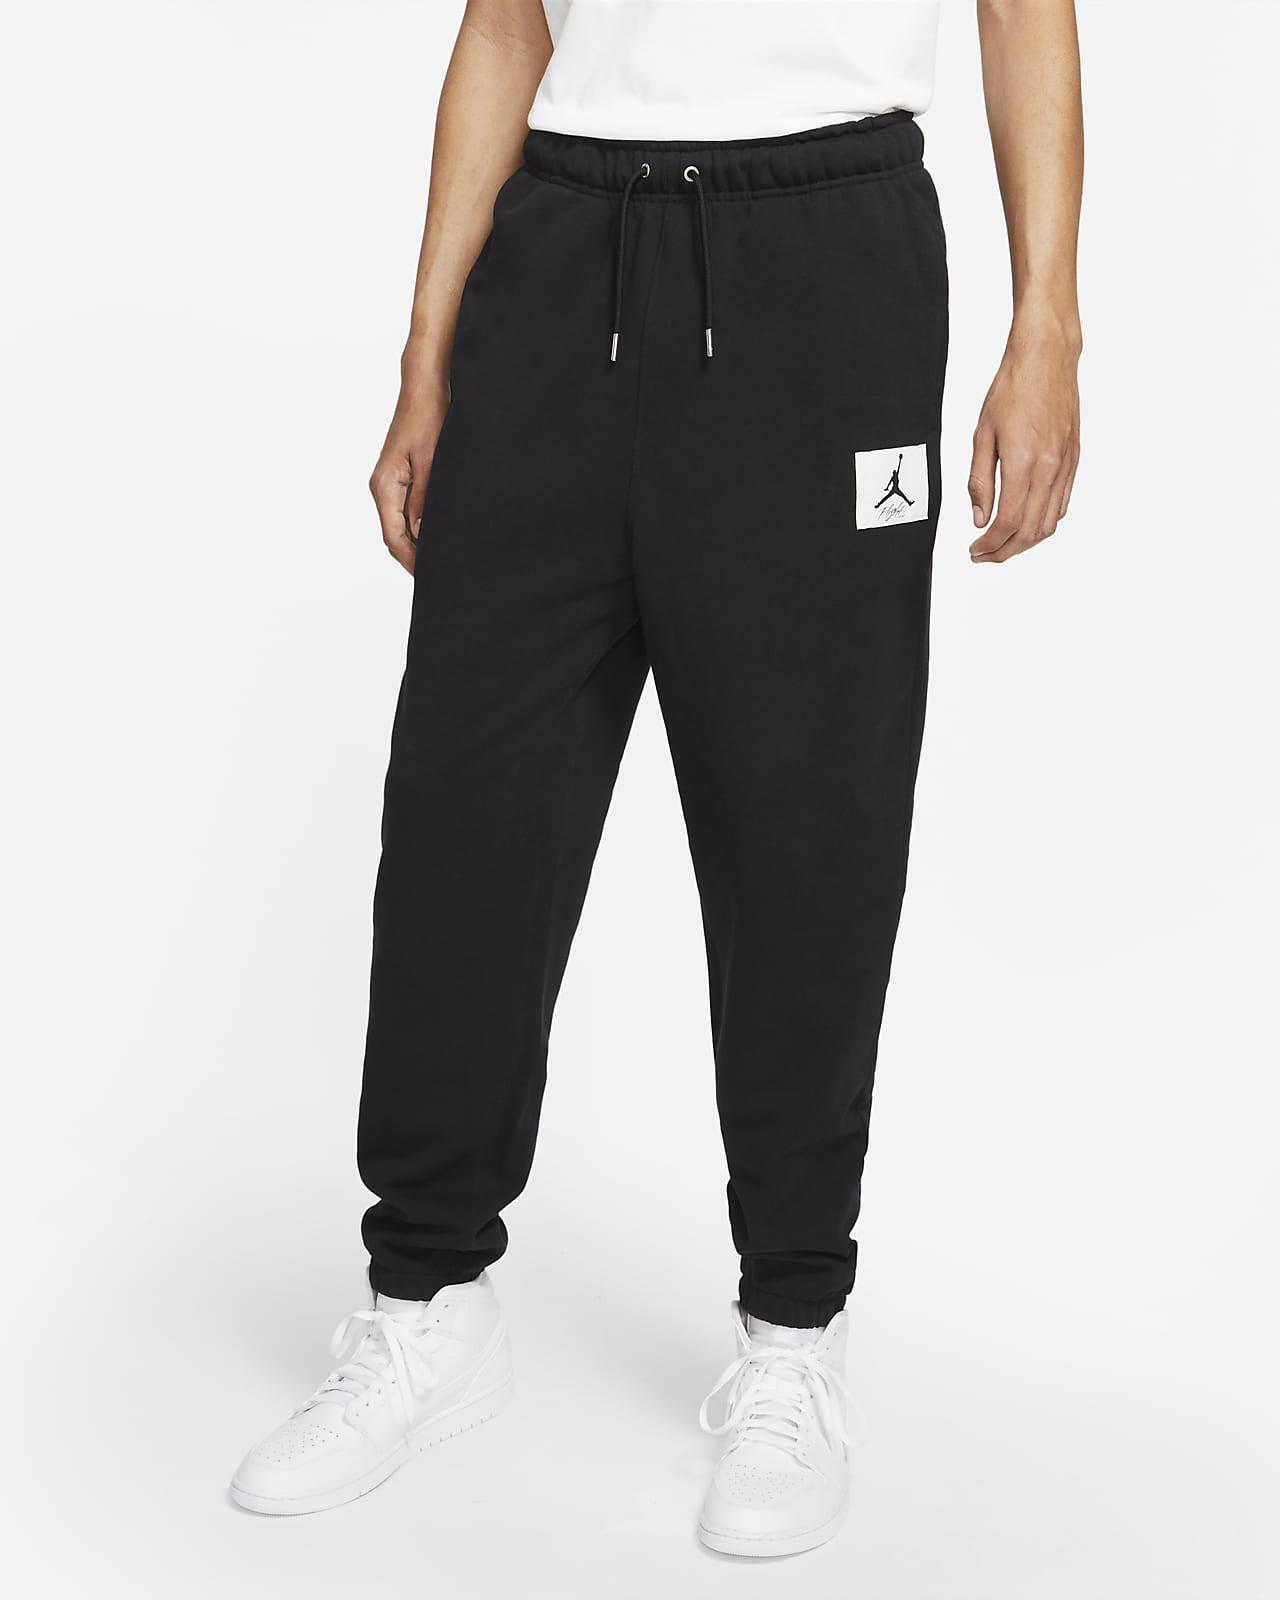 Pantalon en tissu Fleece Statement Jordan Essentials pour Homme